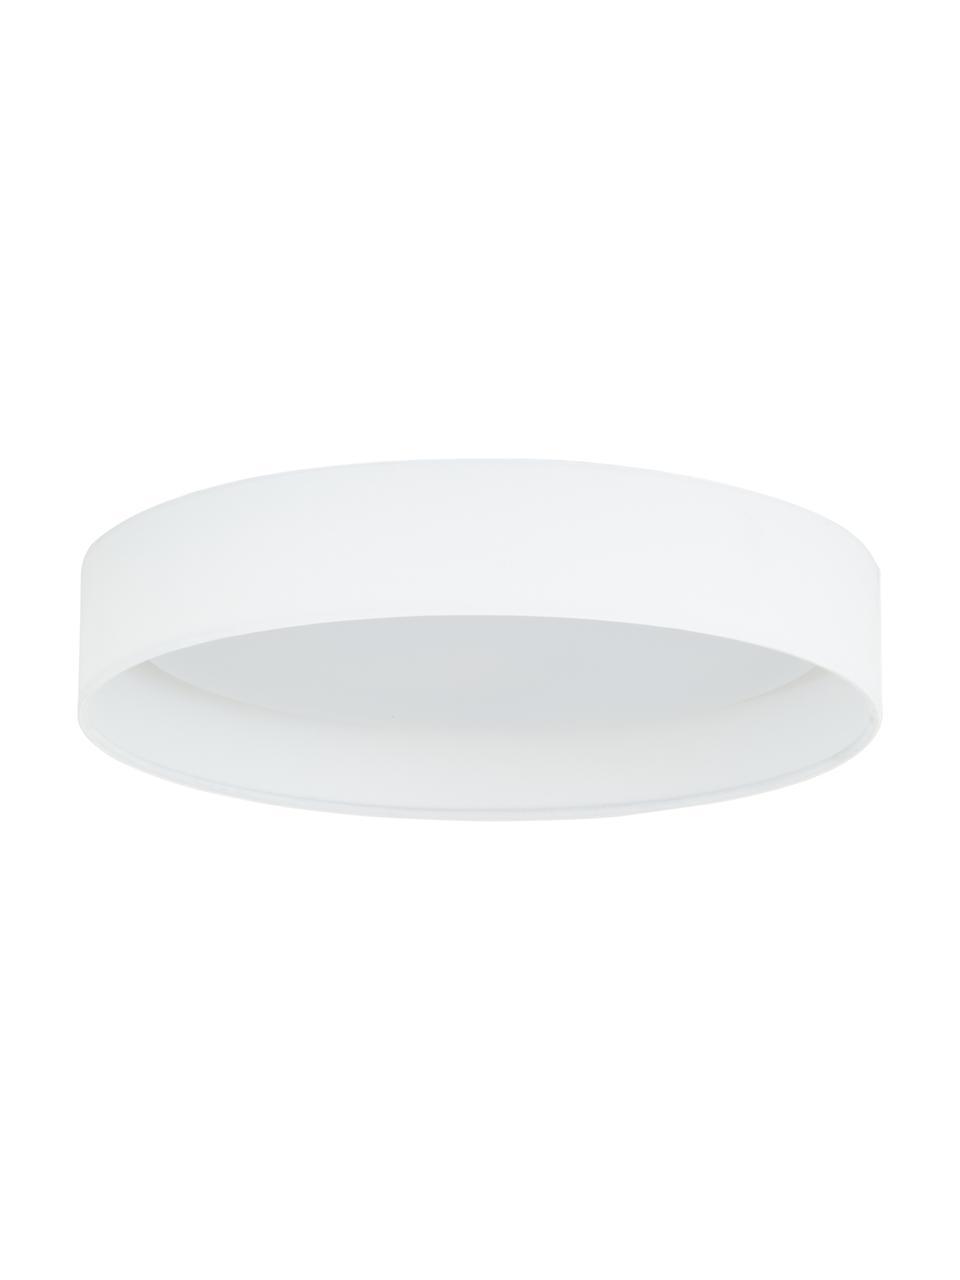 Lampa sufitowa LED Helen, Biały, Ø 52 x W 11 cm